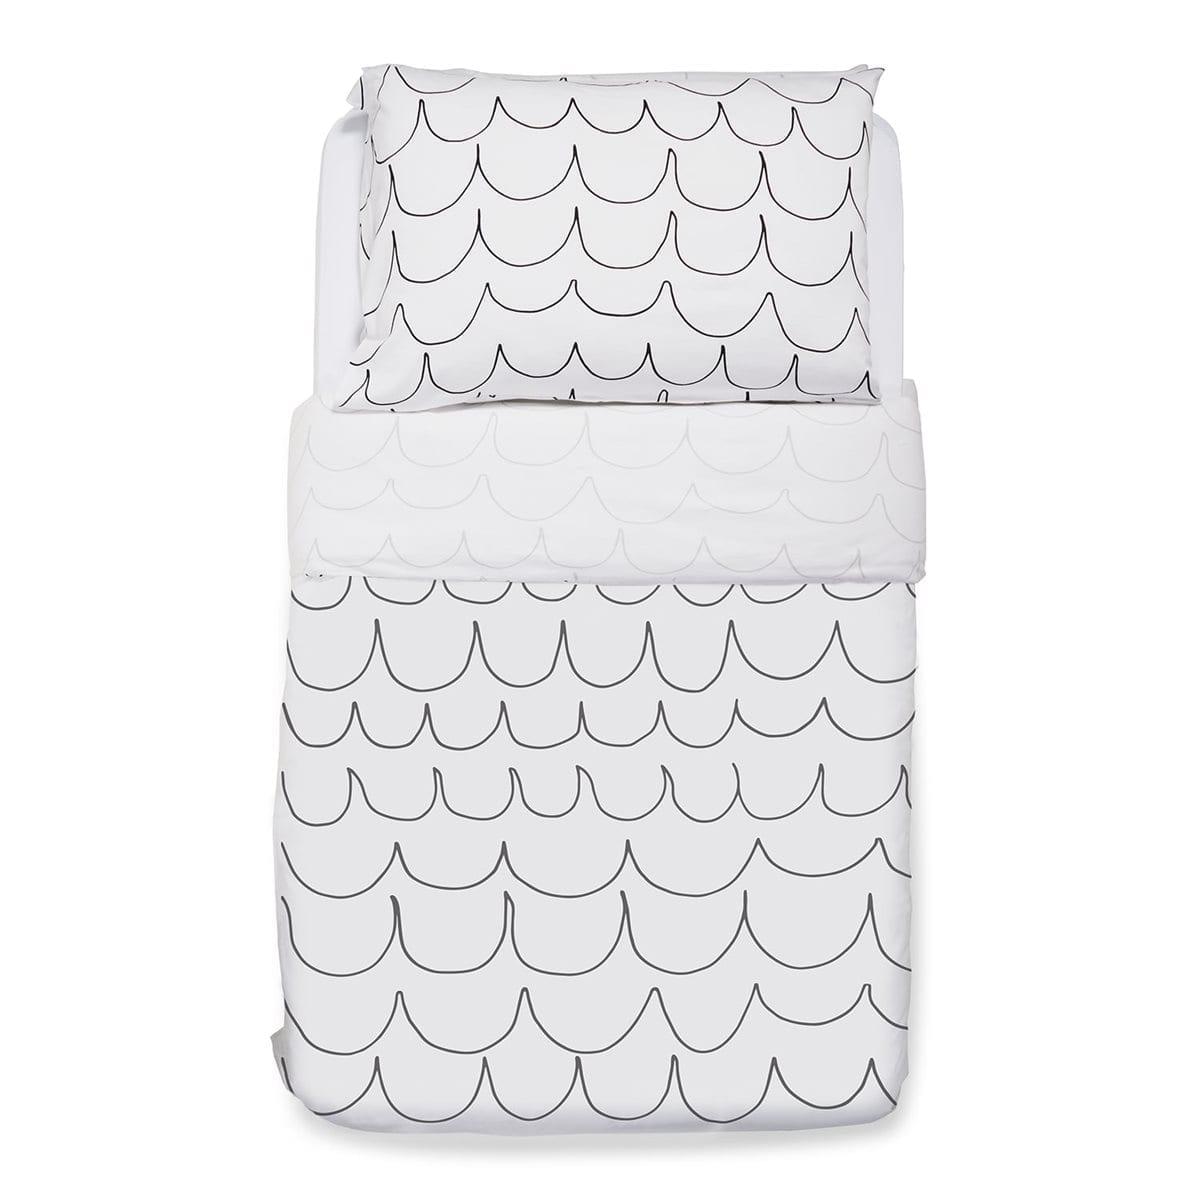 Snuz Cot Duvet and Pillow Case Set (100x120cm) - Wave Mono